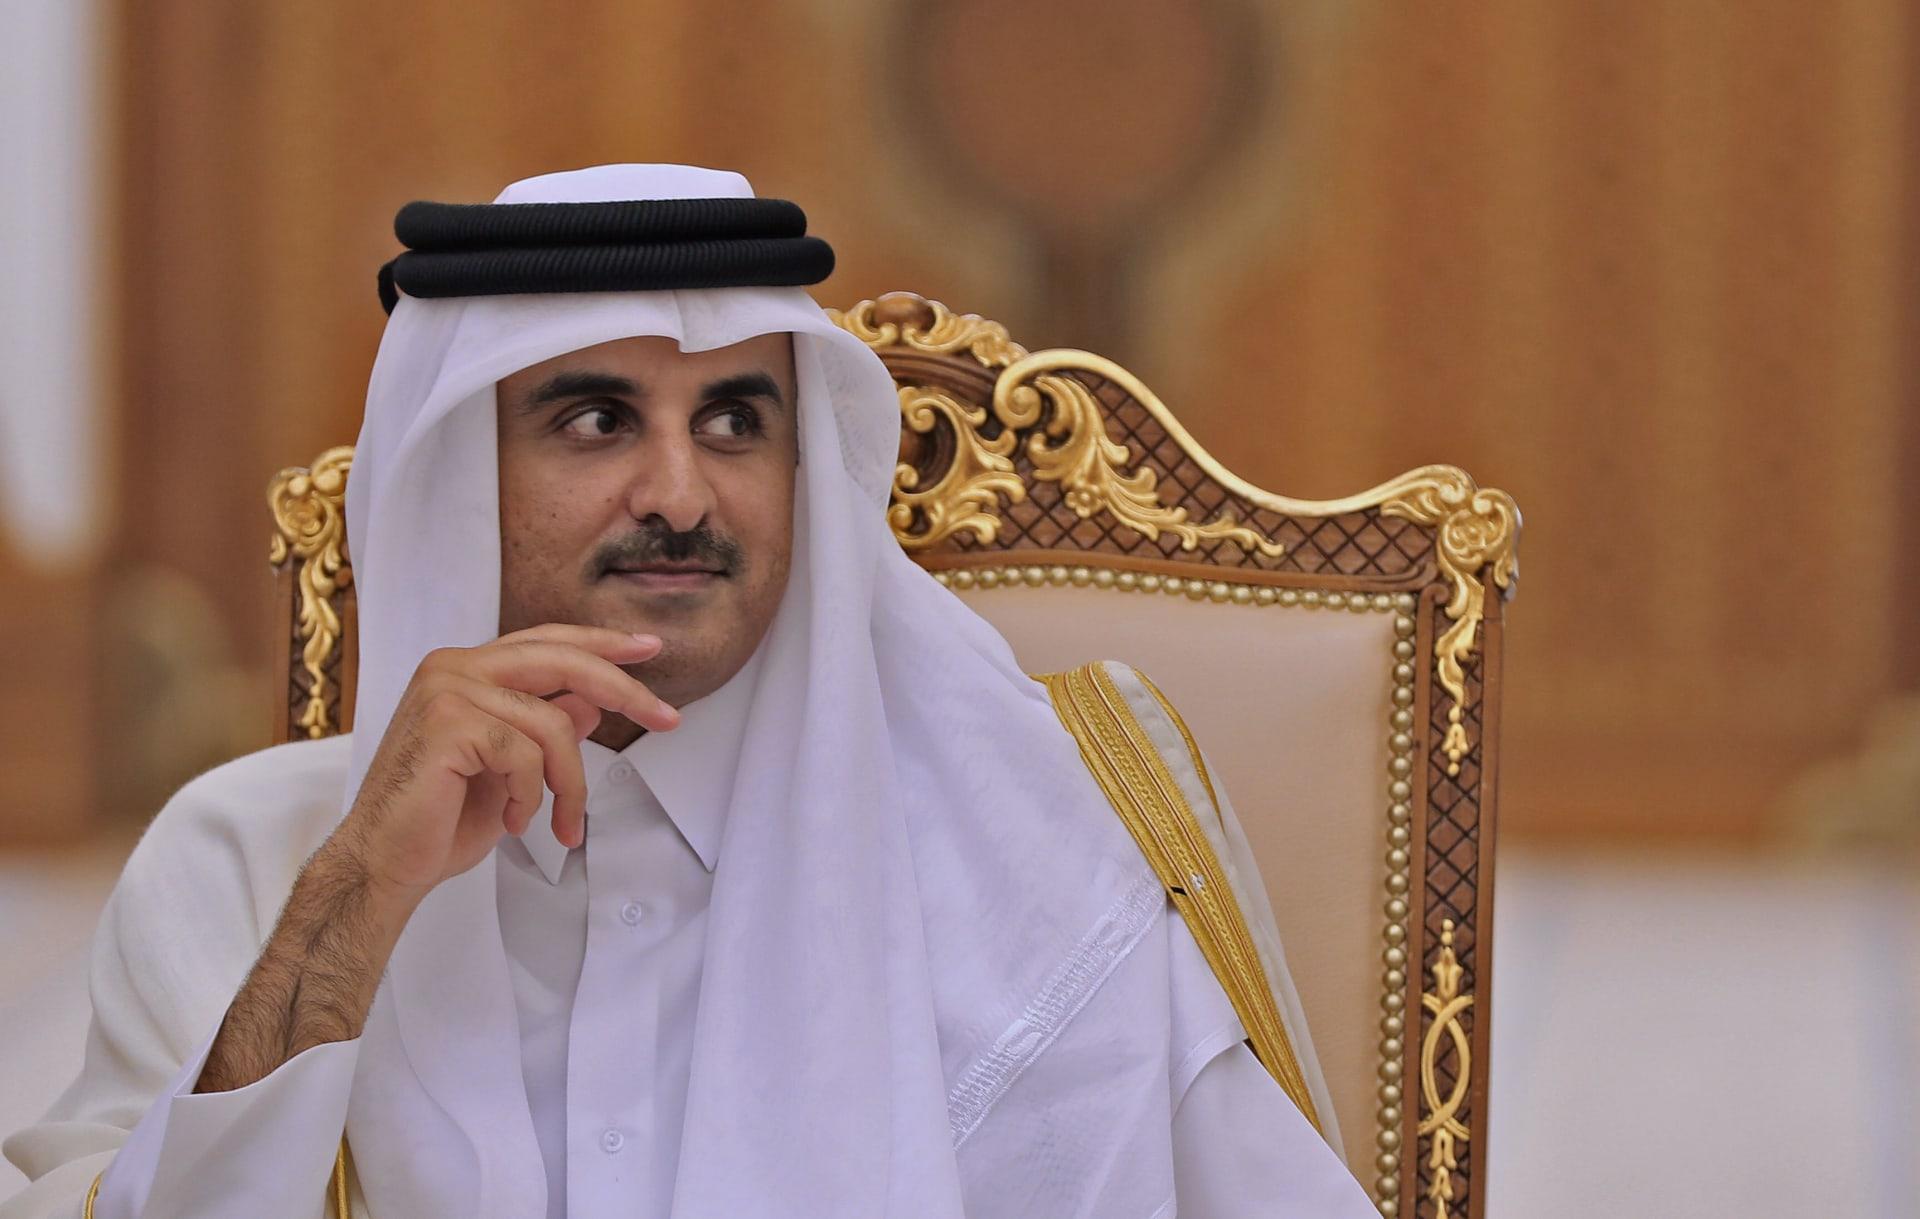 أمير قطر: 2017 سنة ثقيلة.. وأتمنى عاما من الاستقرار